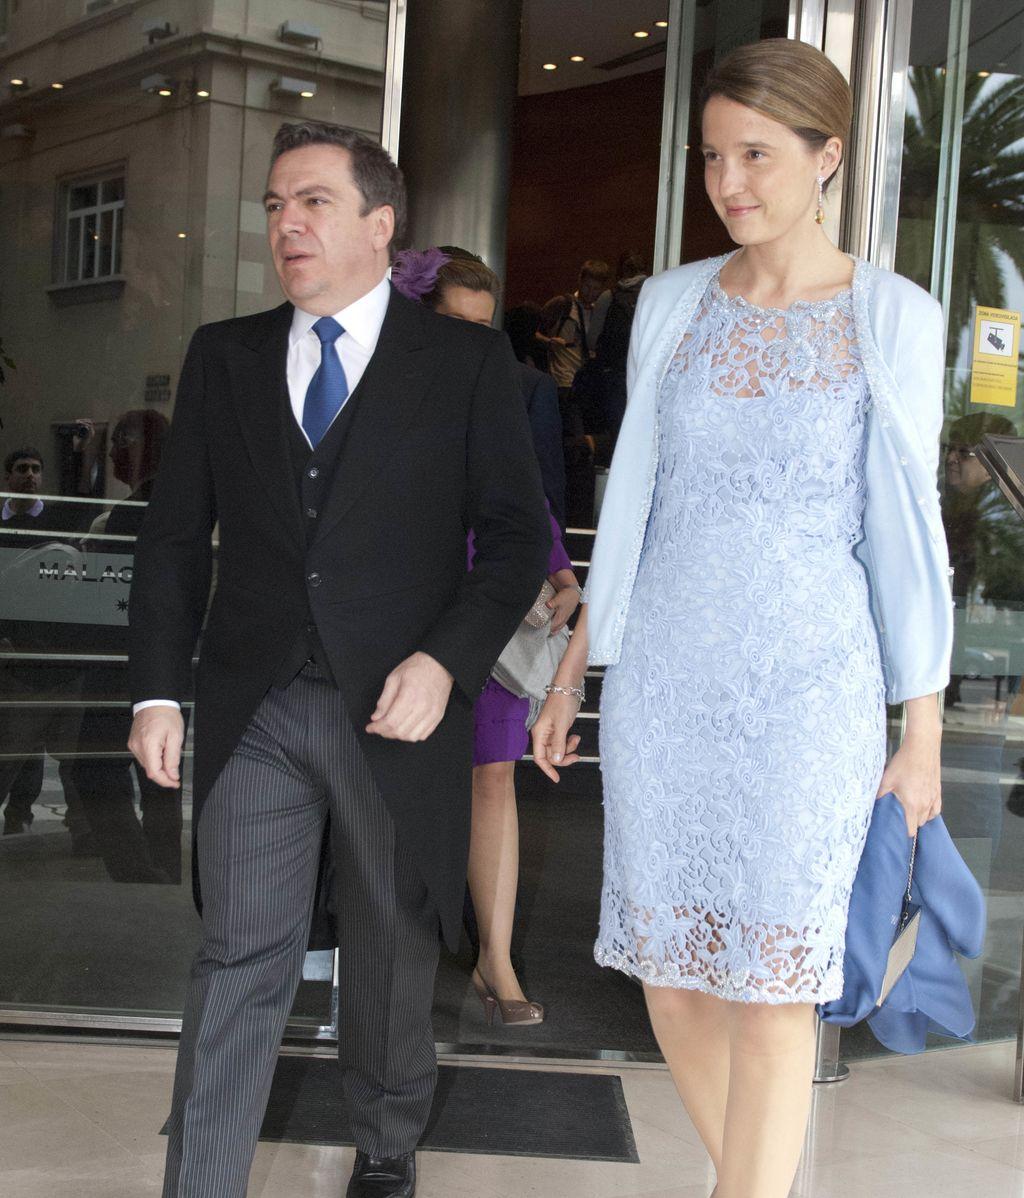 Victoria de Borbón Dos Sicilias y su marido Marcos Nomikos